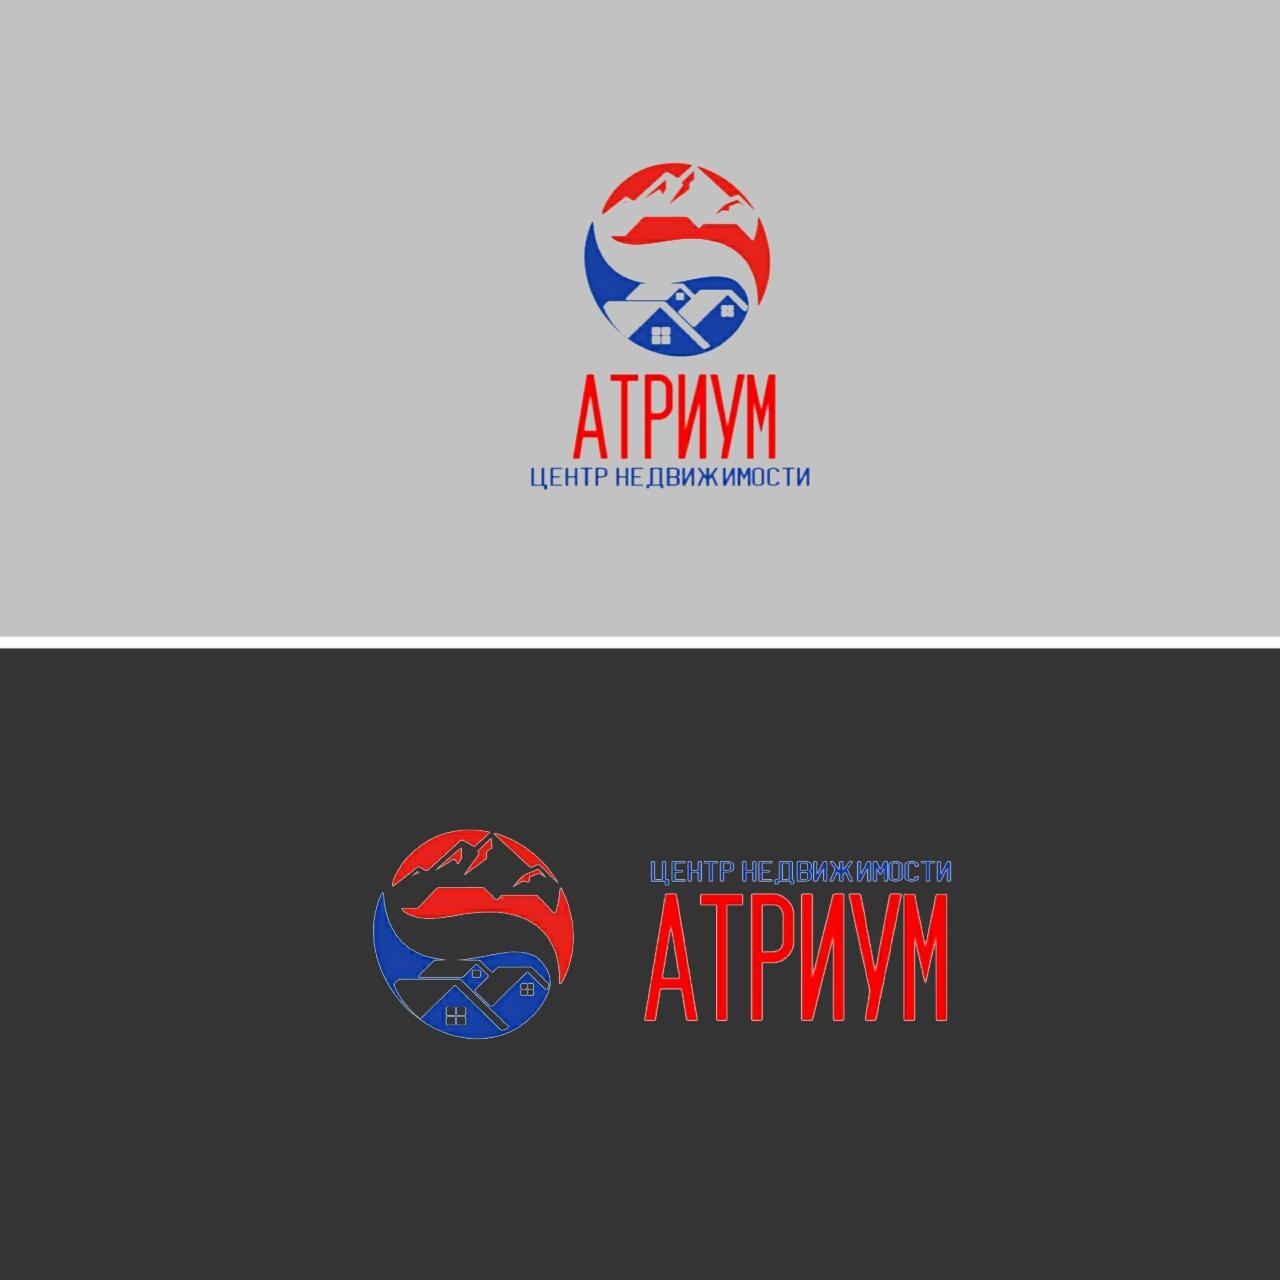 Редизайн / модернизация логотипа Центра недвижимости фото f_2835bc1ccd45ee36.jpg